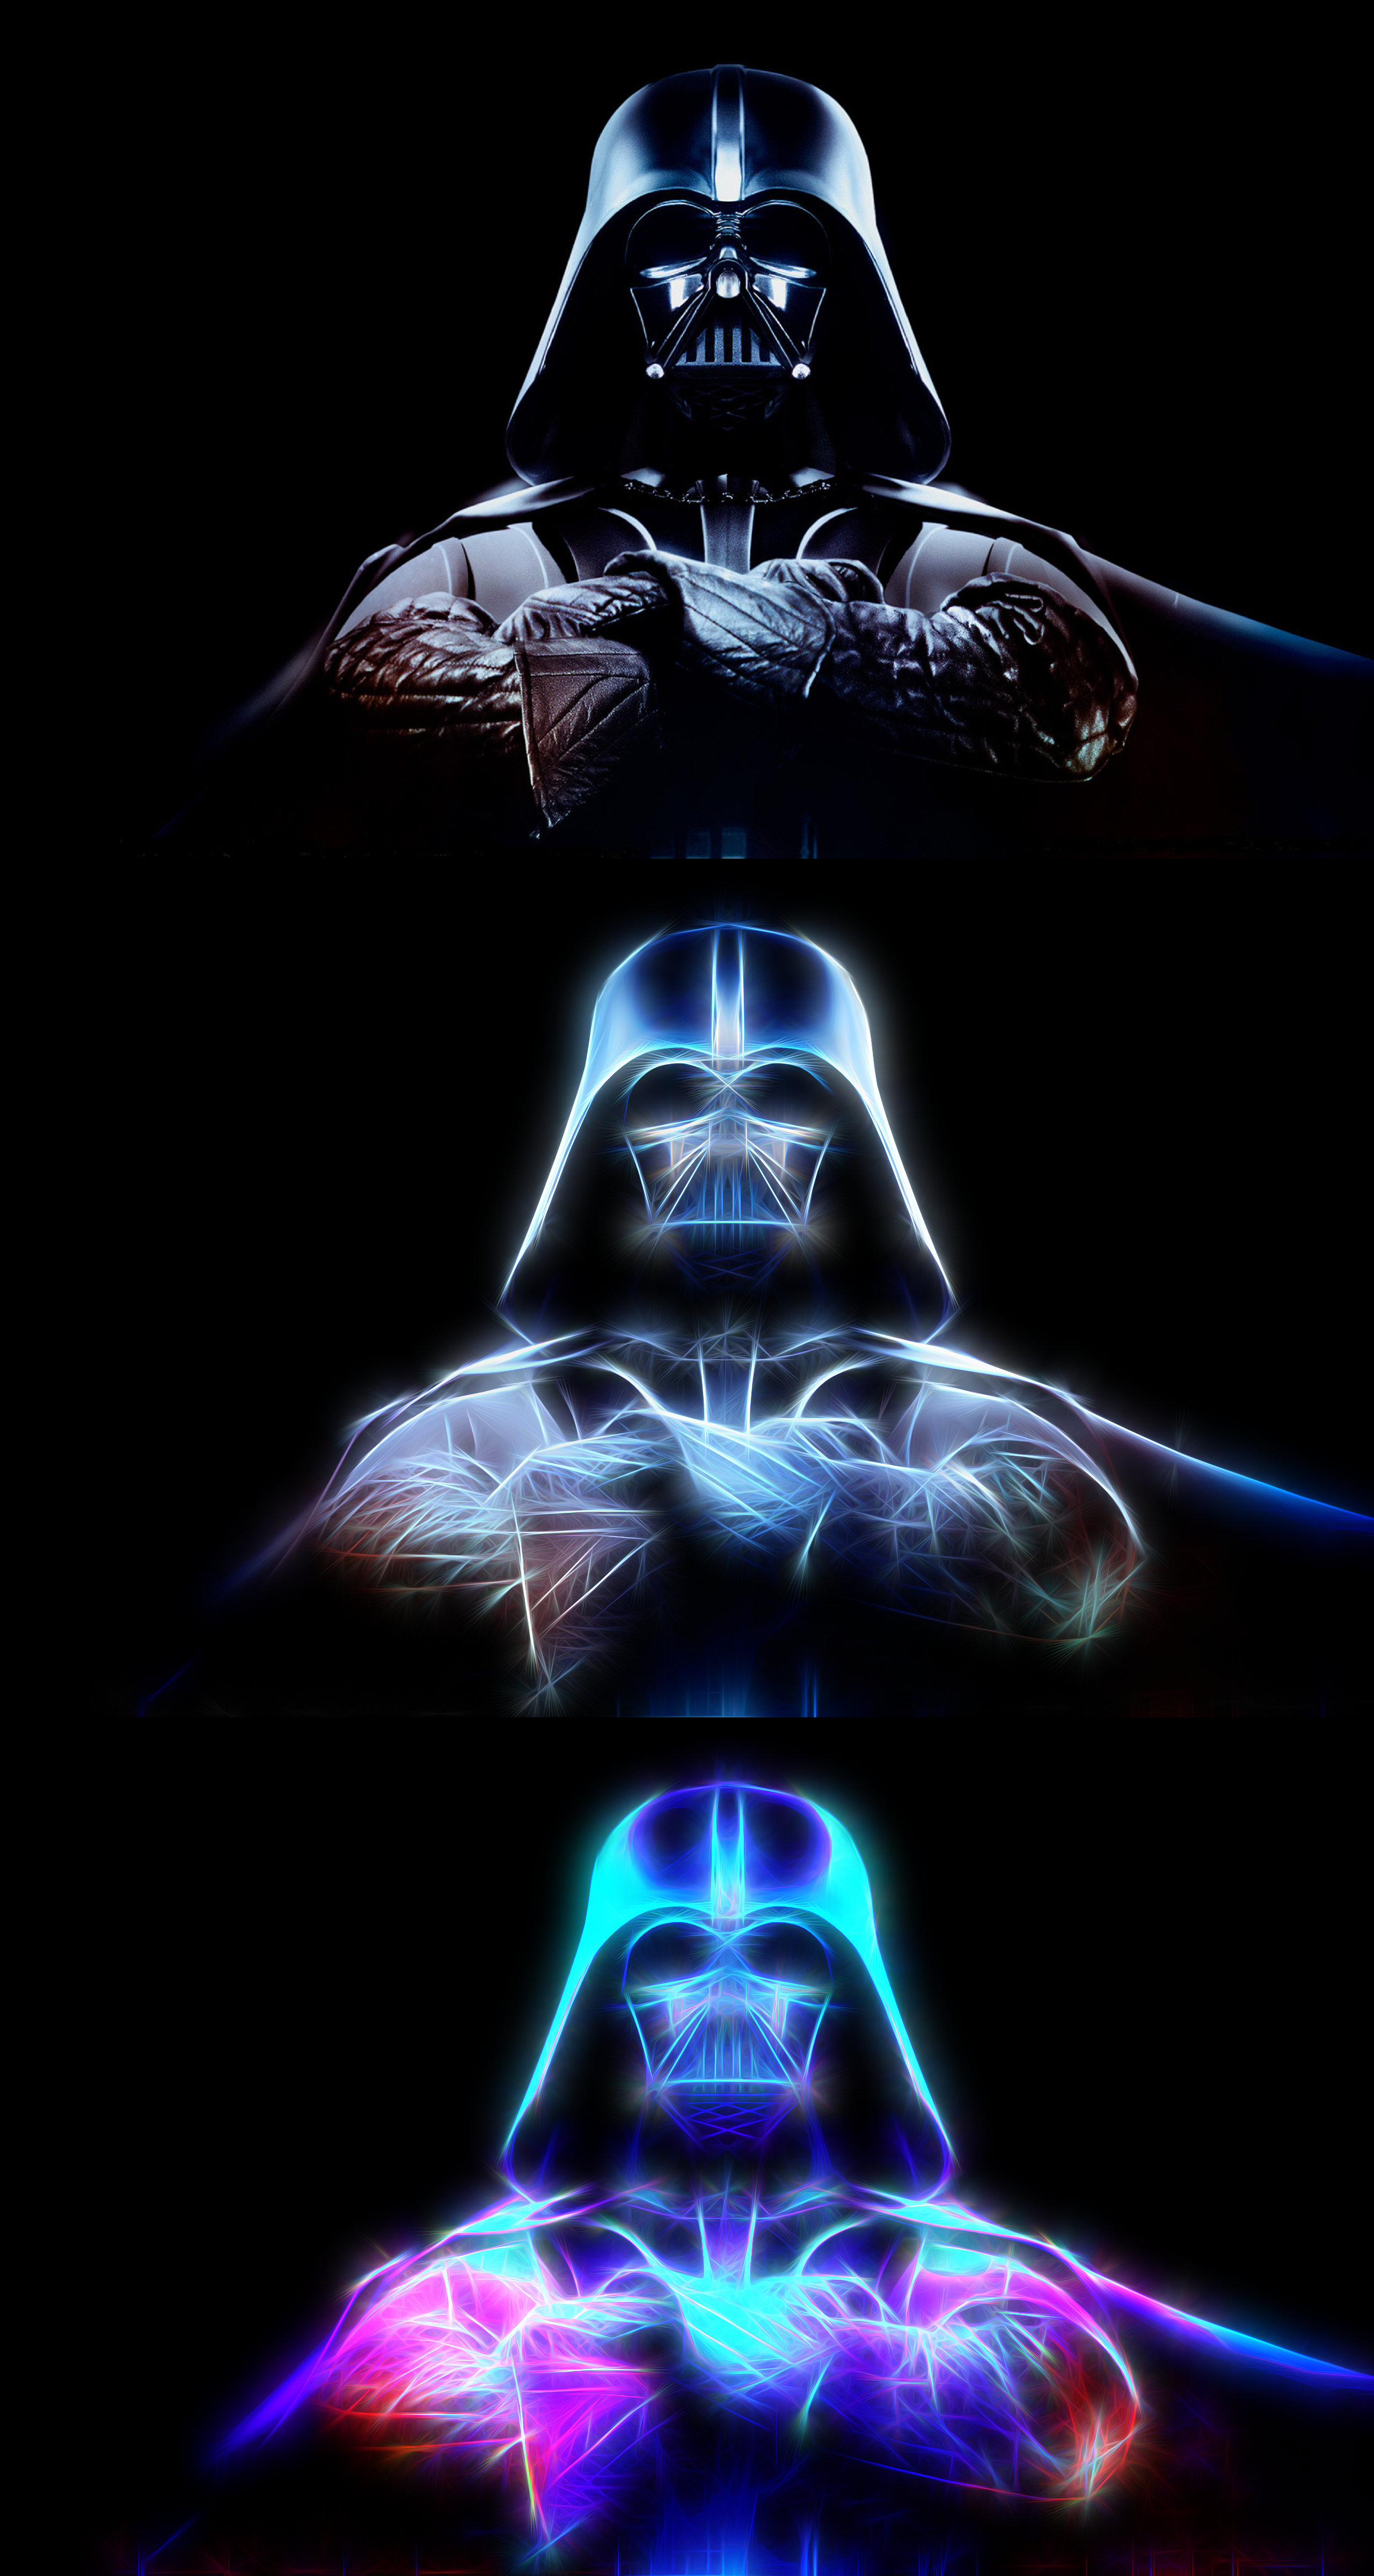 Darth Vader Wallpaper By Cope57 On Deviantart